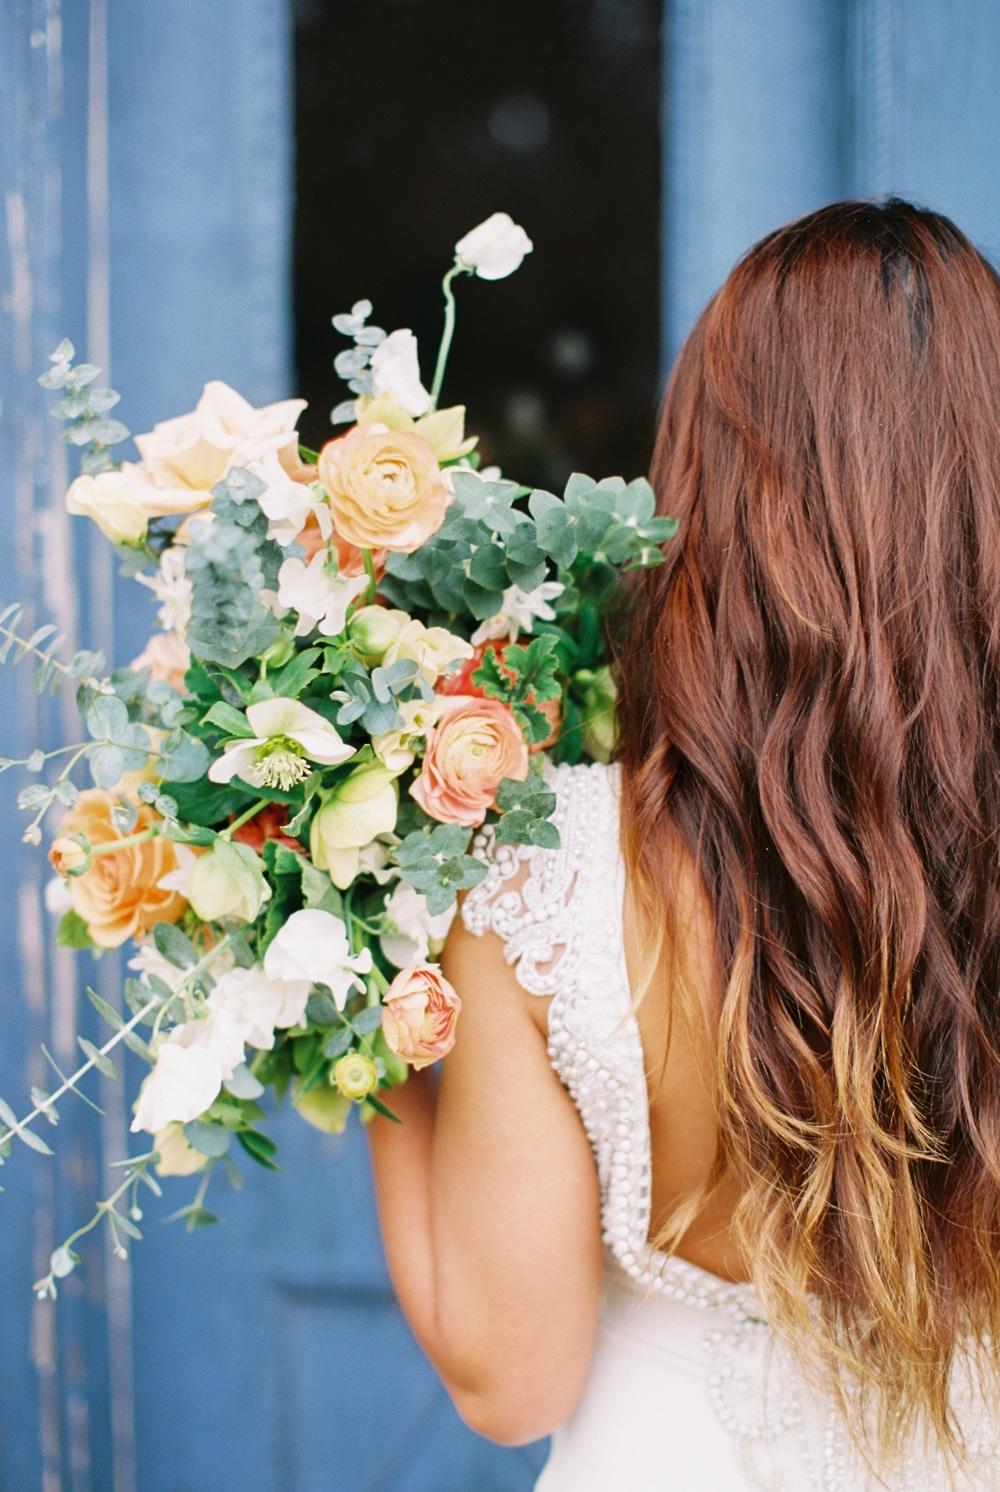 Kristin-La-Voie-Photography-Le-San-Michele-Austin-Wedding-Photographer-13